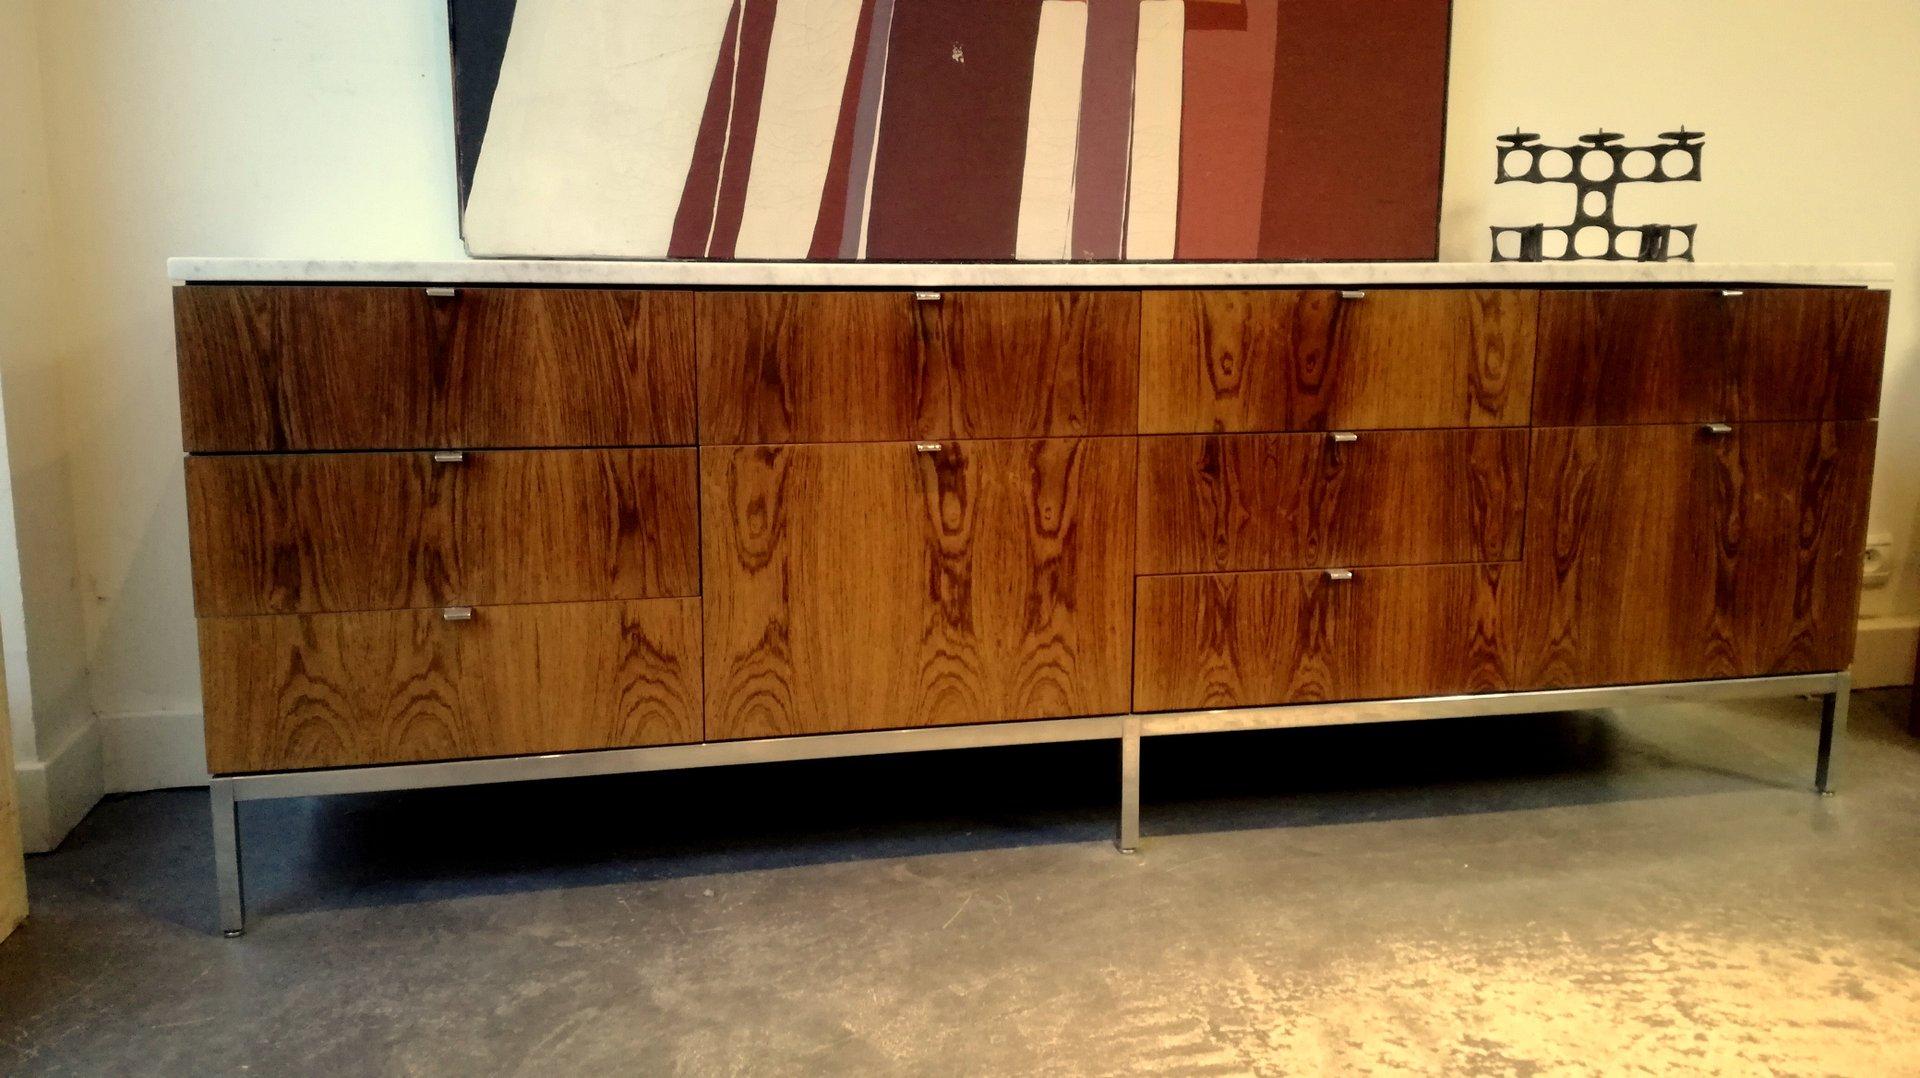 vintage palisander sideboard by florence knoll for sale at. Black Bedroom Furniture Sets. Home Design Ideas